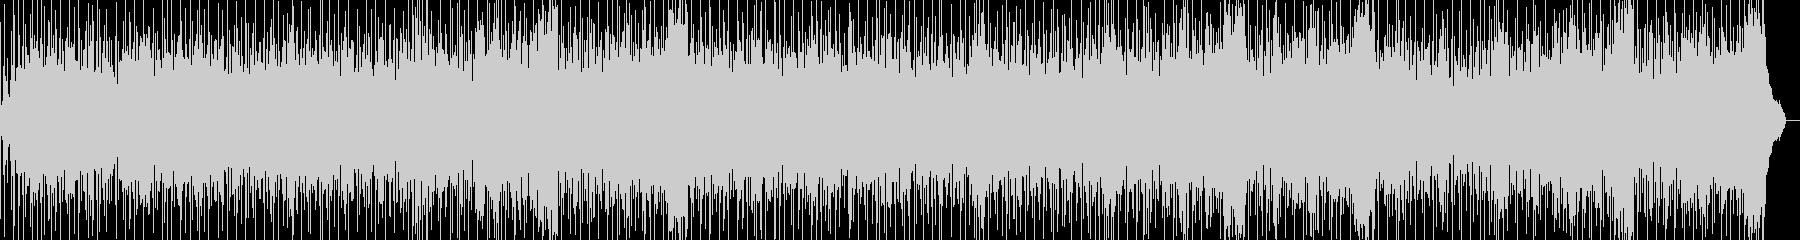 ポップな背景、ピアノアルペジオの未再生の波形